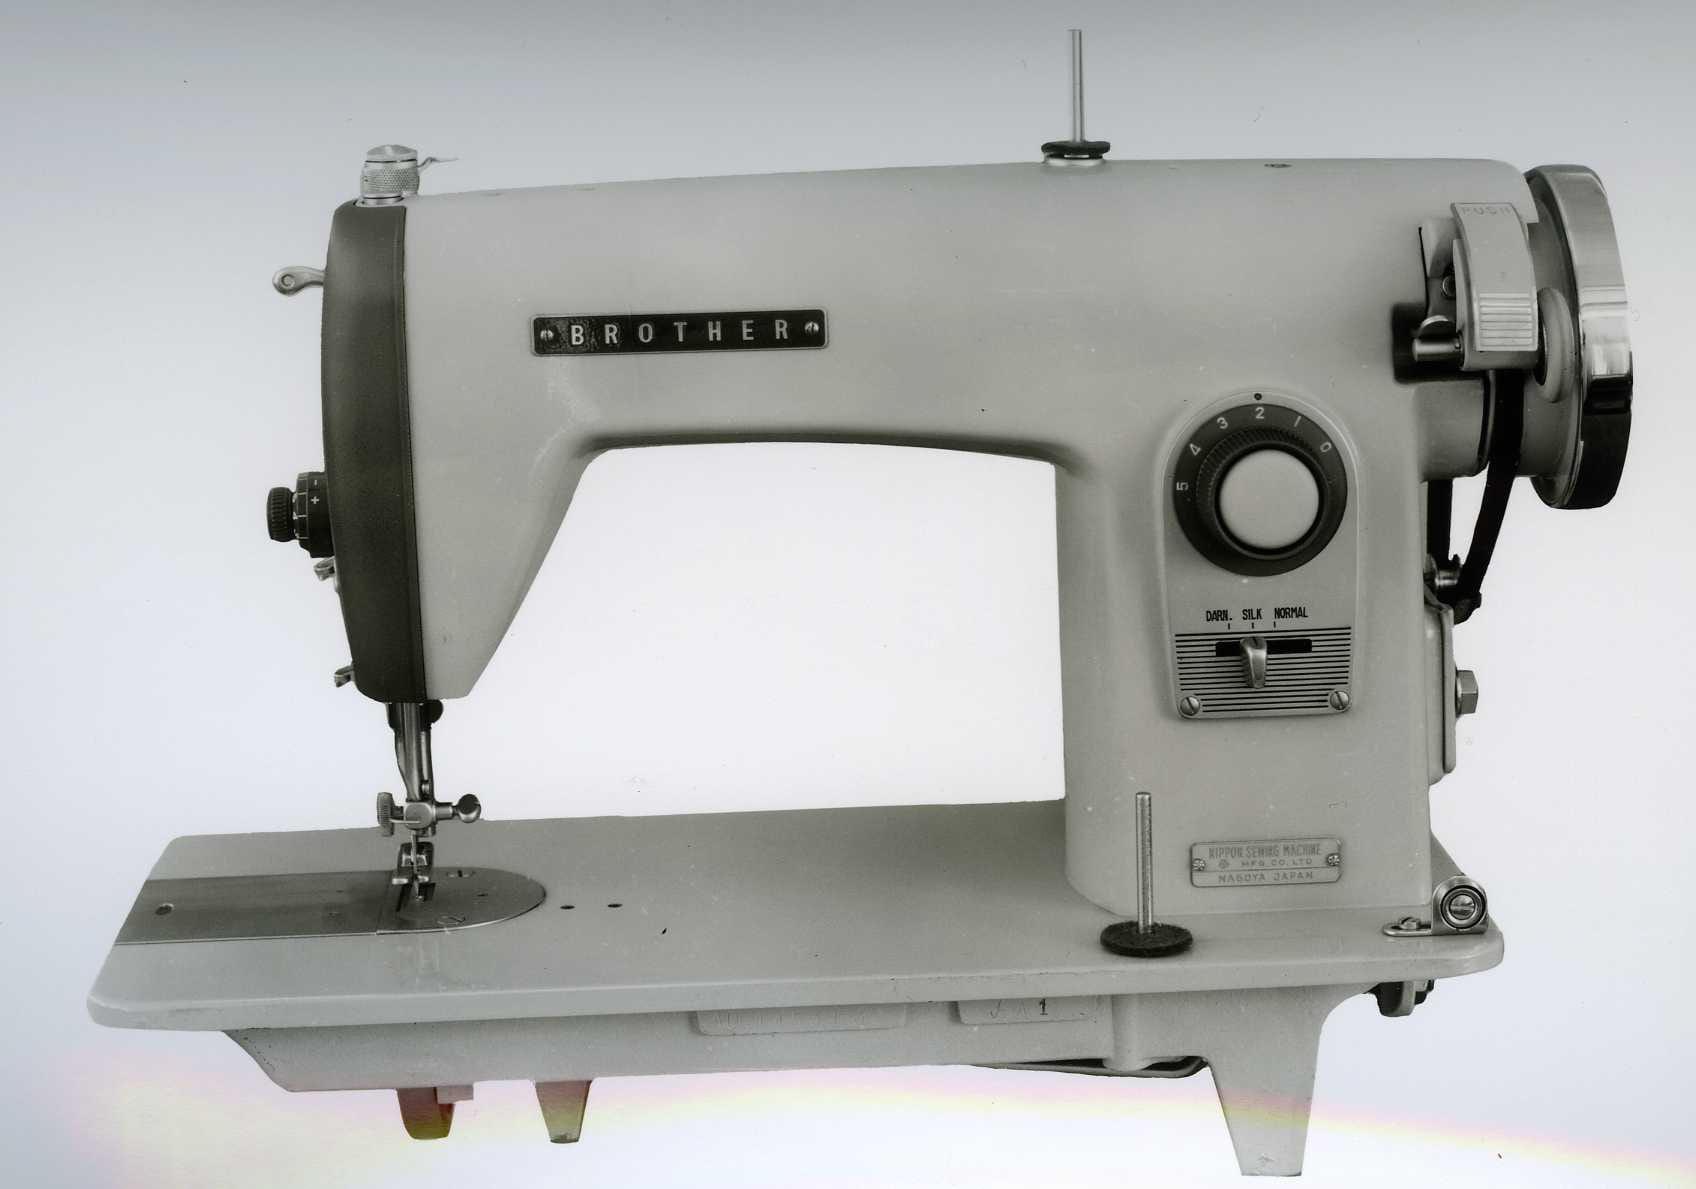 En gammel Brother symaskin